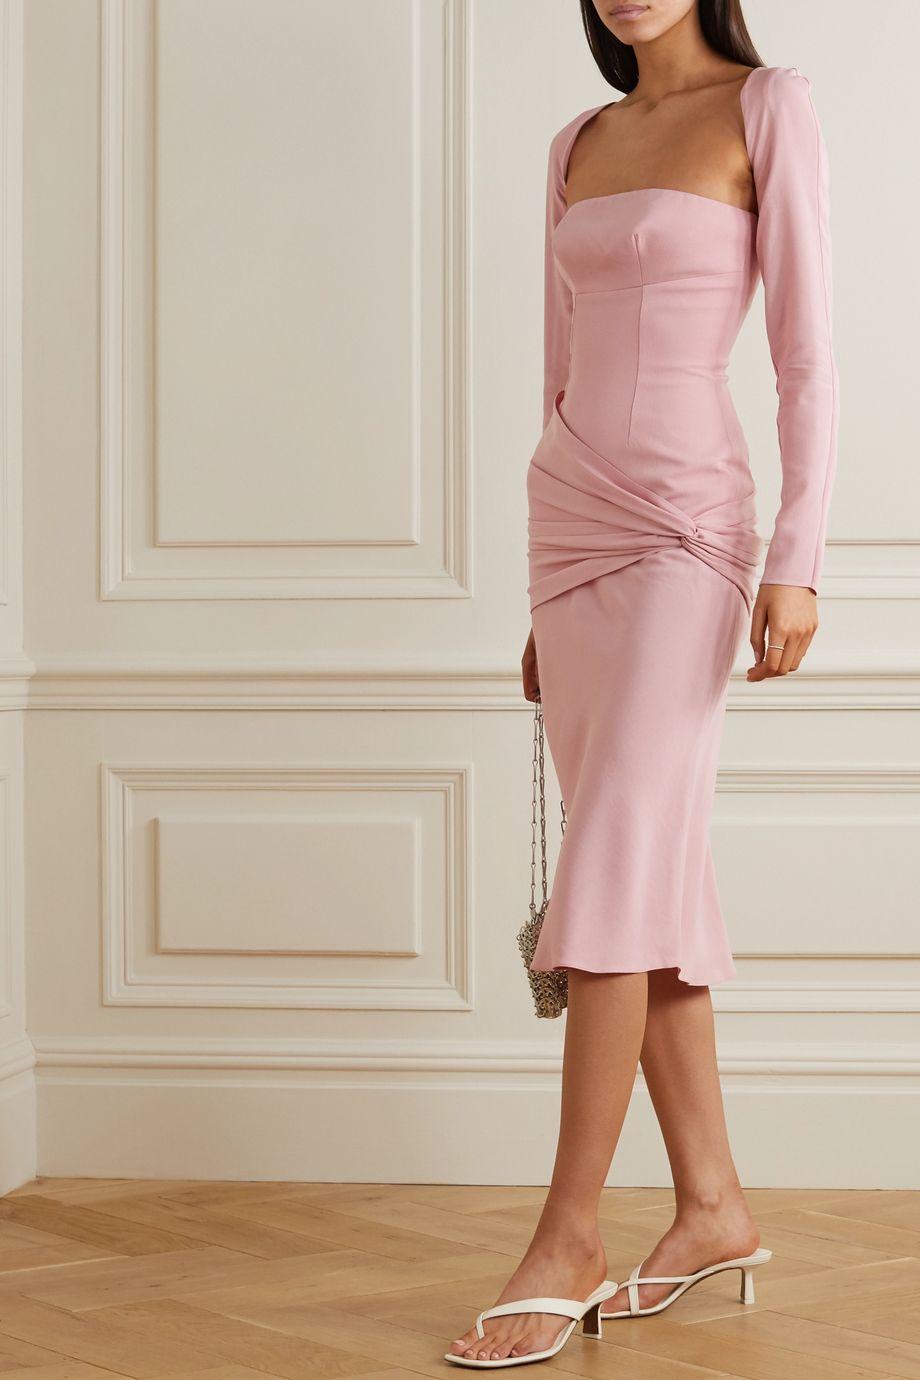 Lado Bokuchava Convertible gathered twill dress